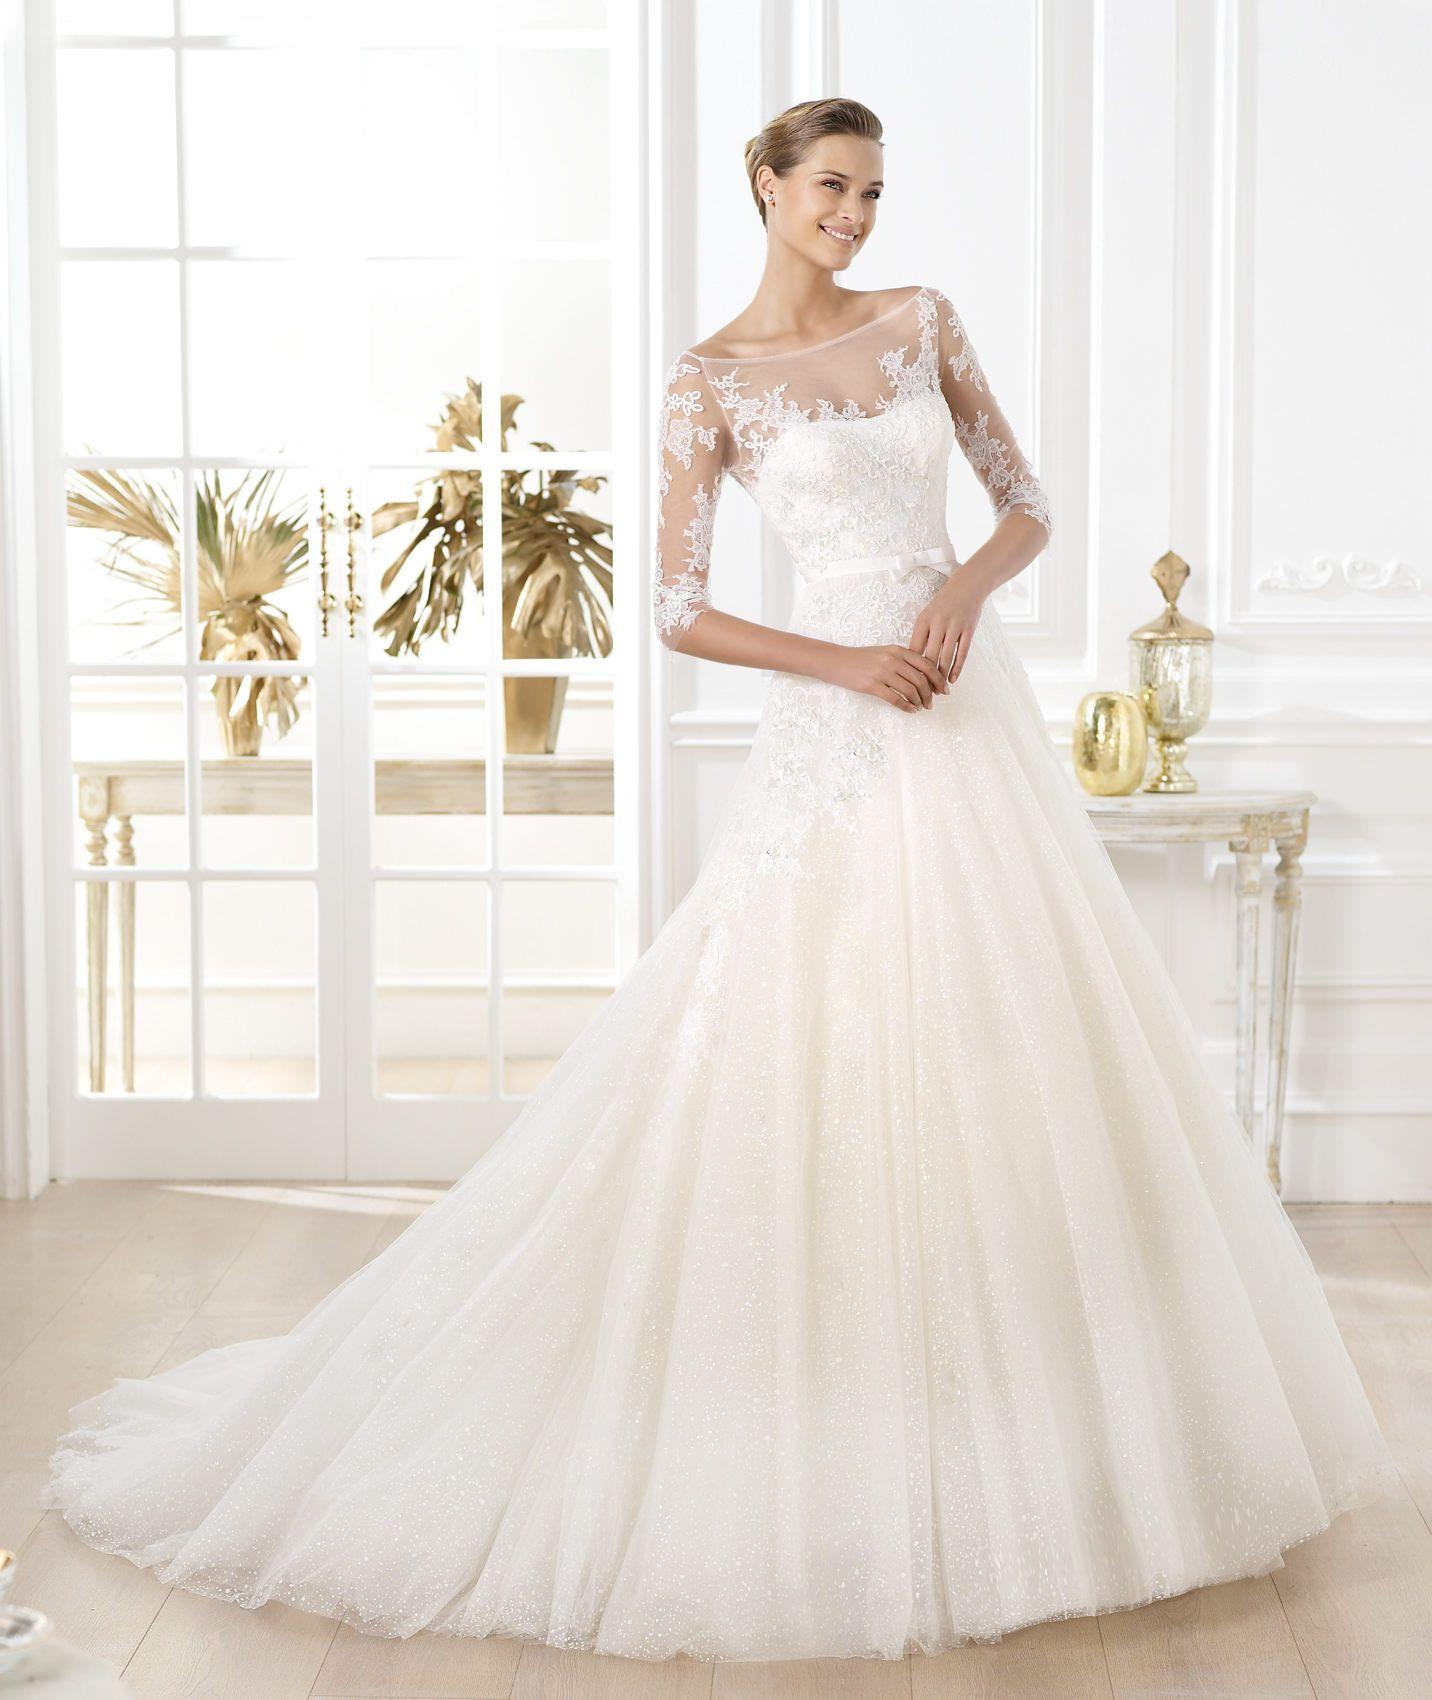 Pronovias ti presenta l'abito da sposa Lavens. Glamour 2014. | Pronovias